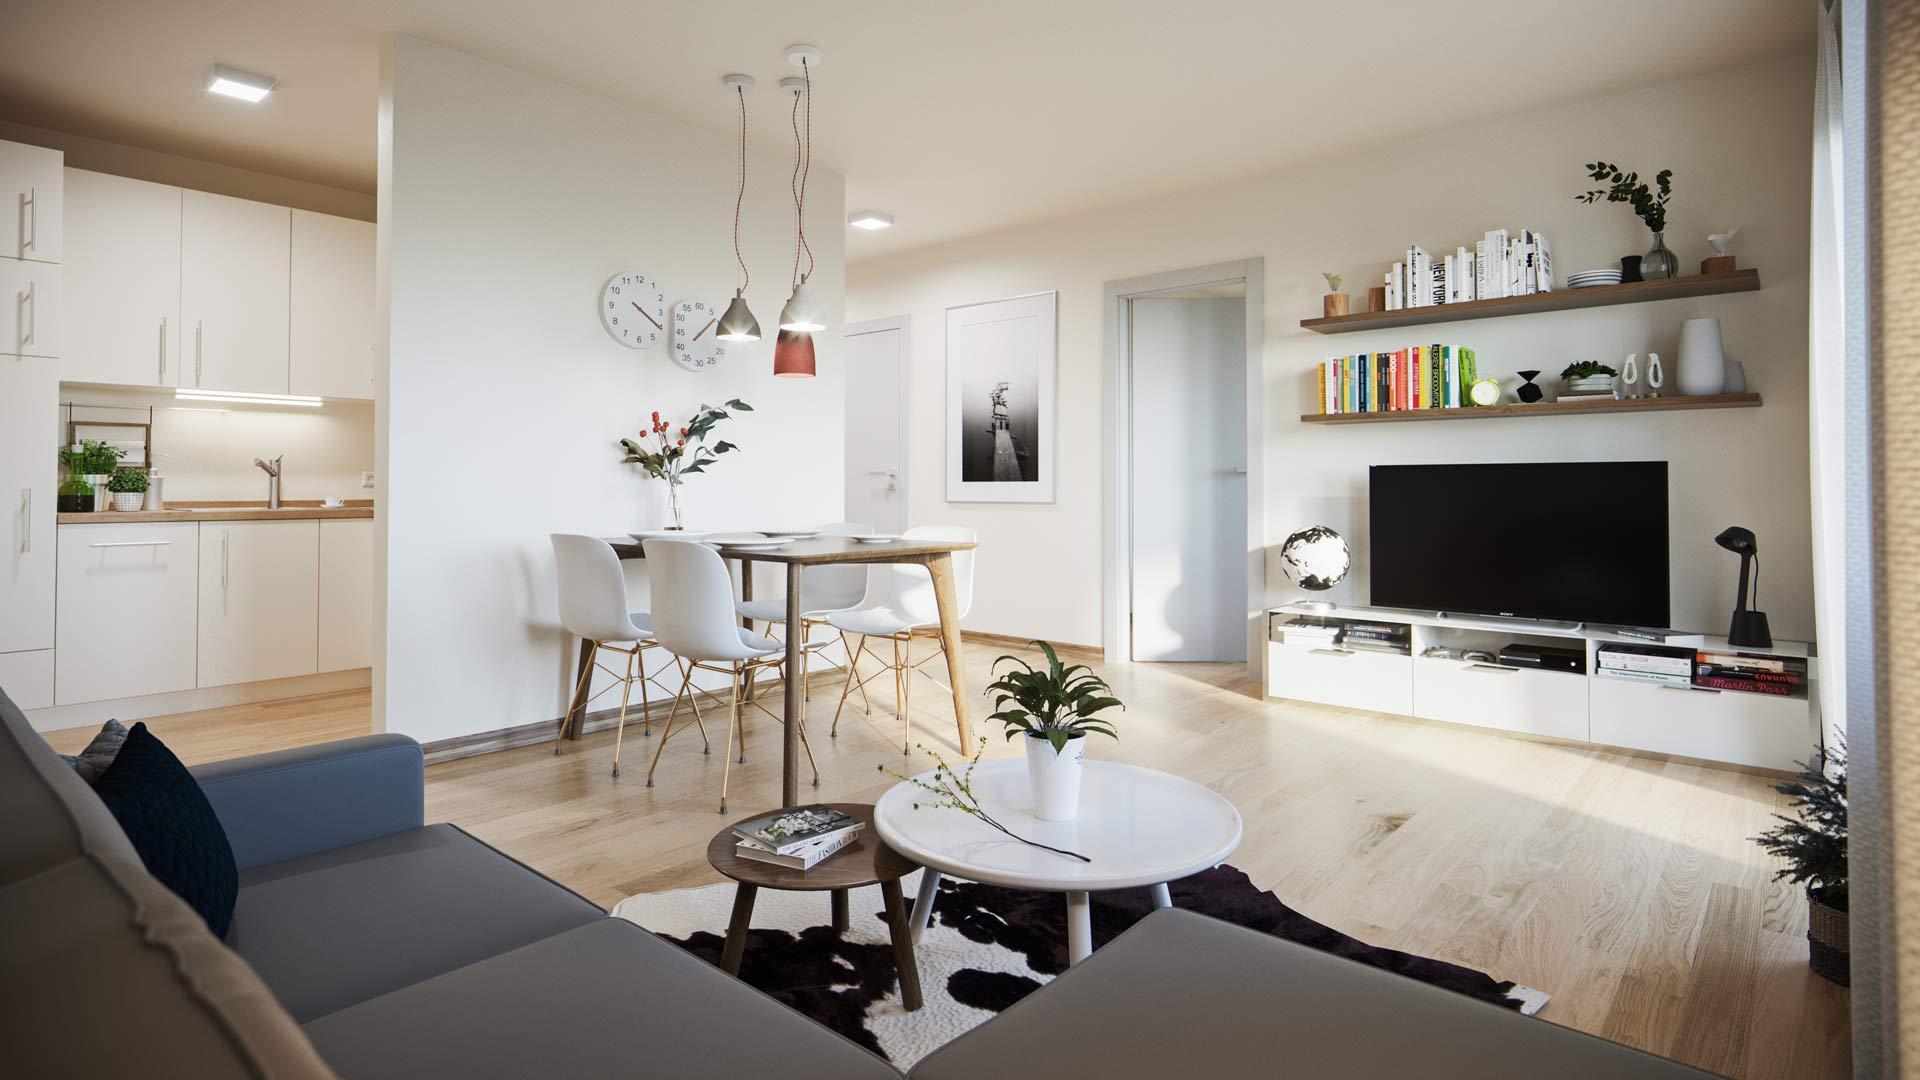 ANLEGER AUFGEPASST! – Moderne 2-Zimmer-Neubauerdgeschosswohnung mit Terrasse und Garten